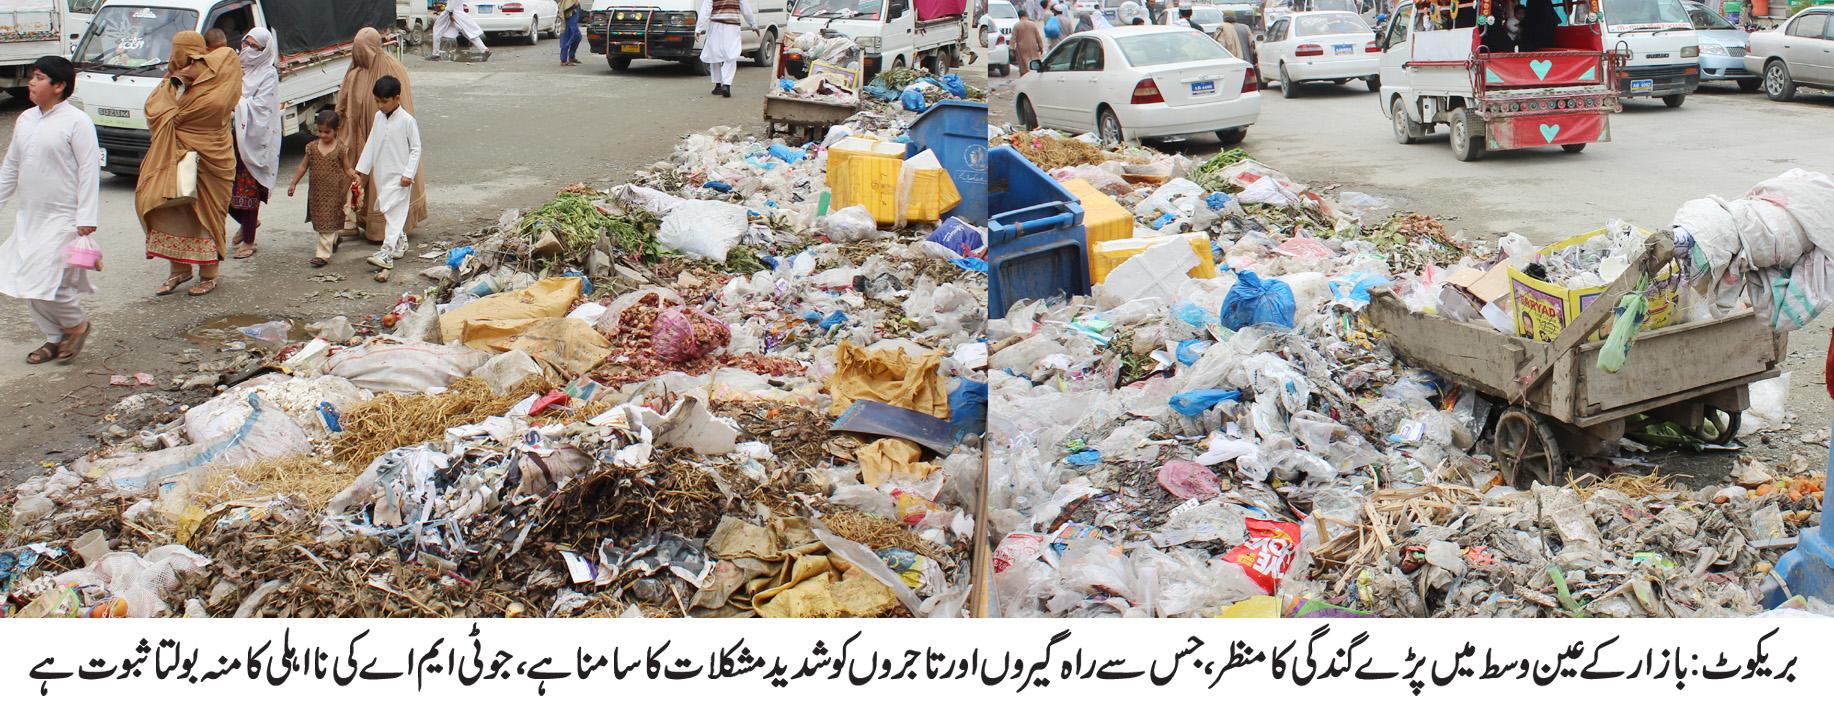 بریکوٹ میں'' گرین اینڈ کلین پاکستان'' کے دعووں کی قلعی کھول گئی ، ٹی ایم اے نے بازار میں صفائی بند کردی